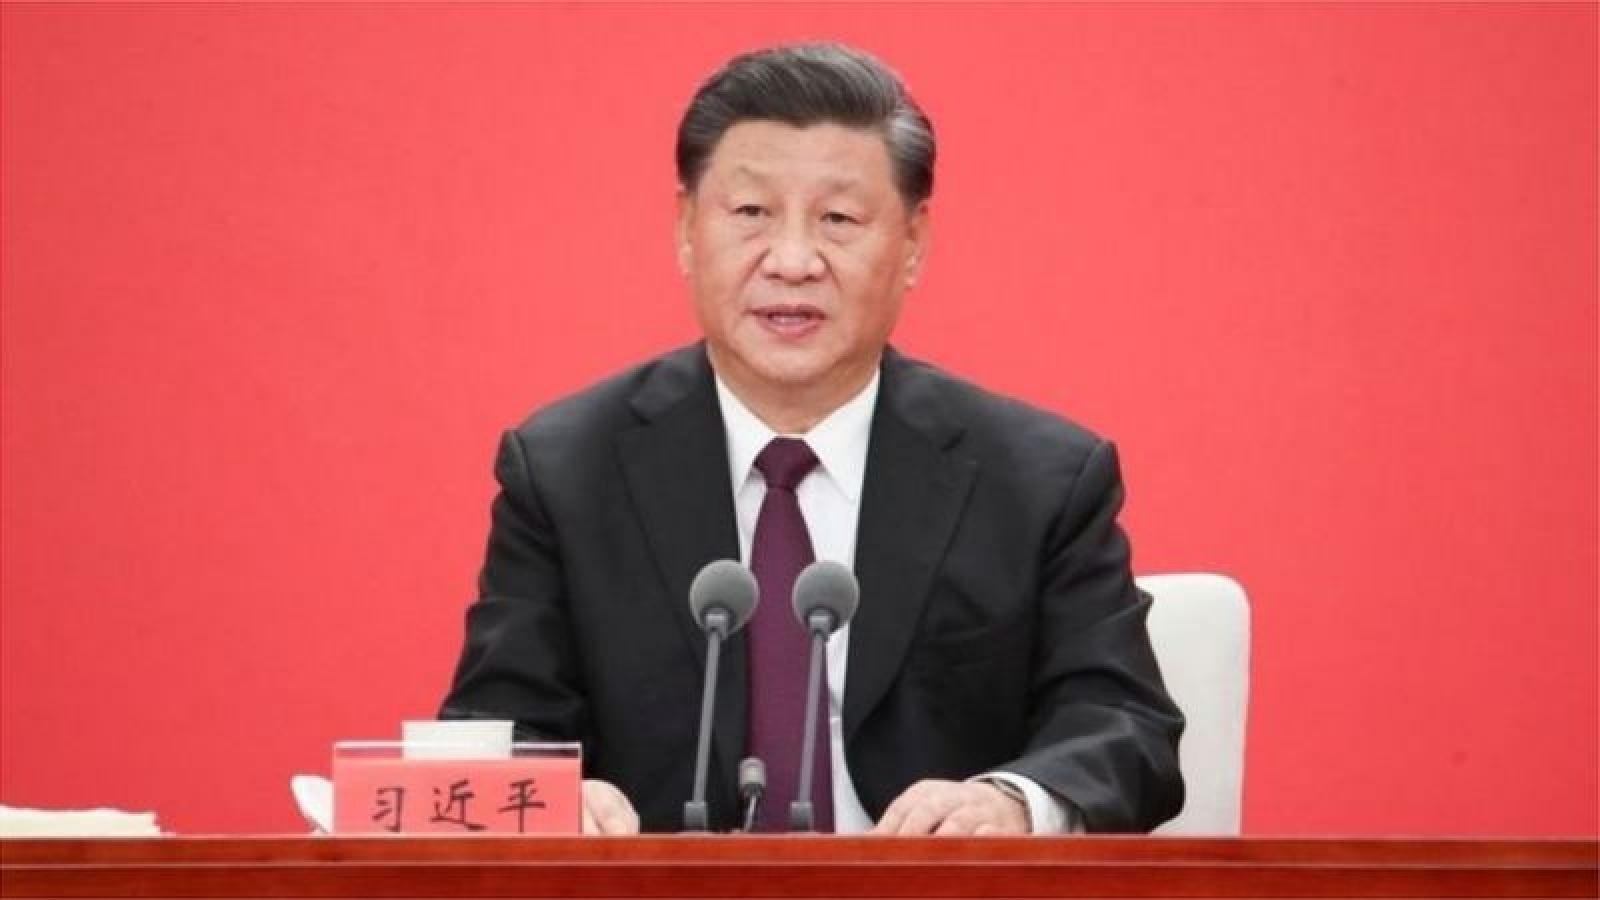 Hội nghị Trung ương 5 khóa 19 của Trung Quốc tập trung vấn đề quy hoạch và phát triển